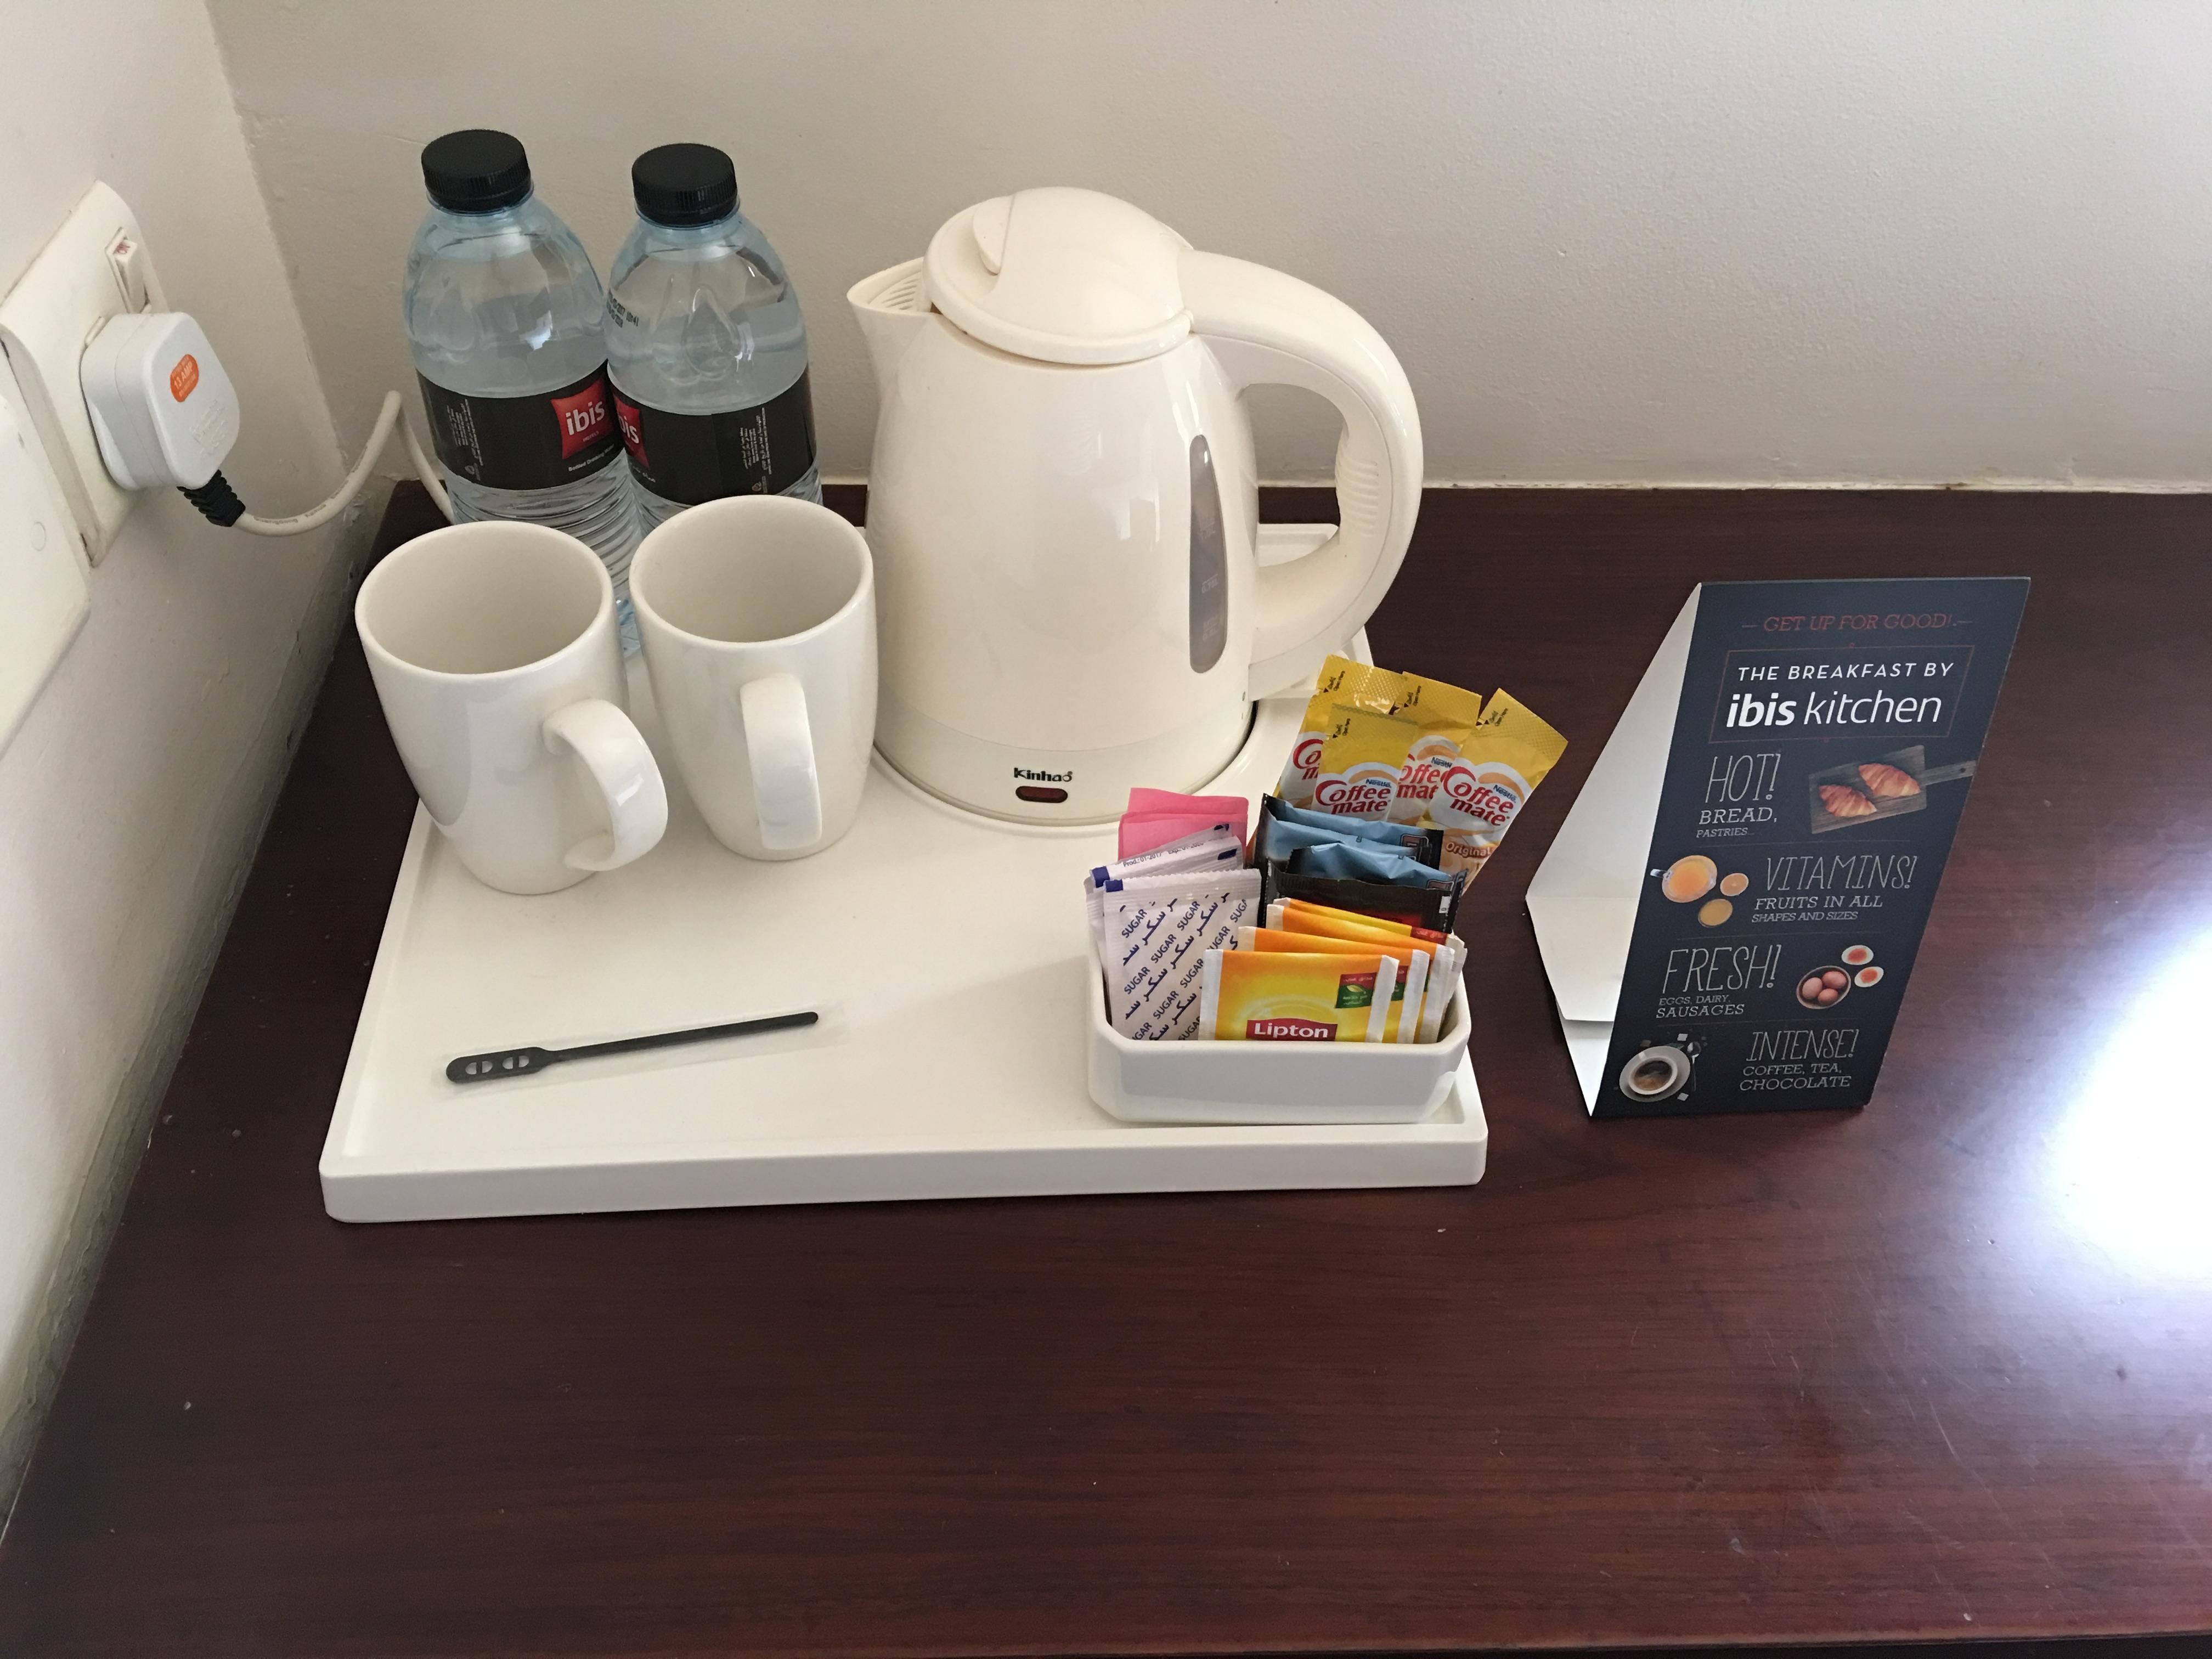 Das Ibis WTC bietet seinen Gästen kostenfrei stilles Wasser, Kaffee und Tee.